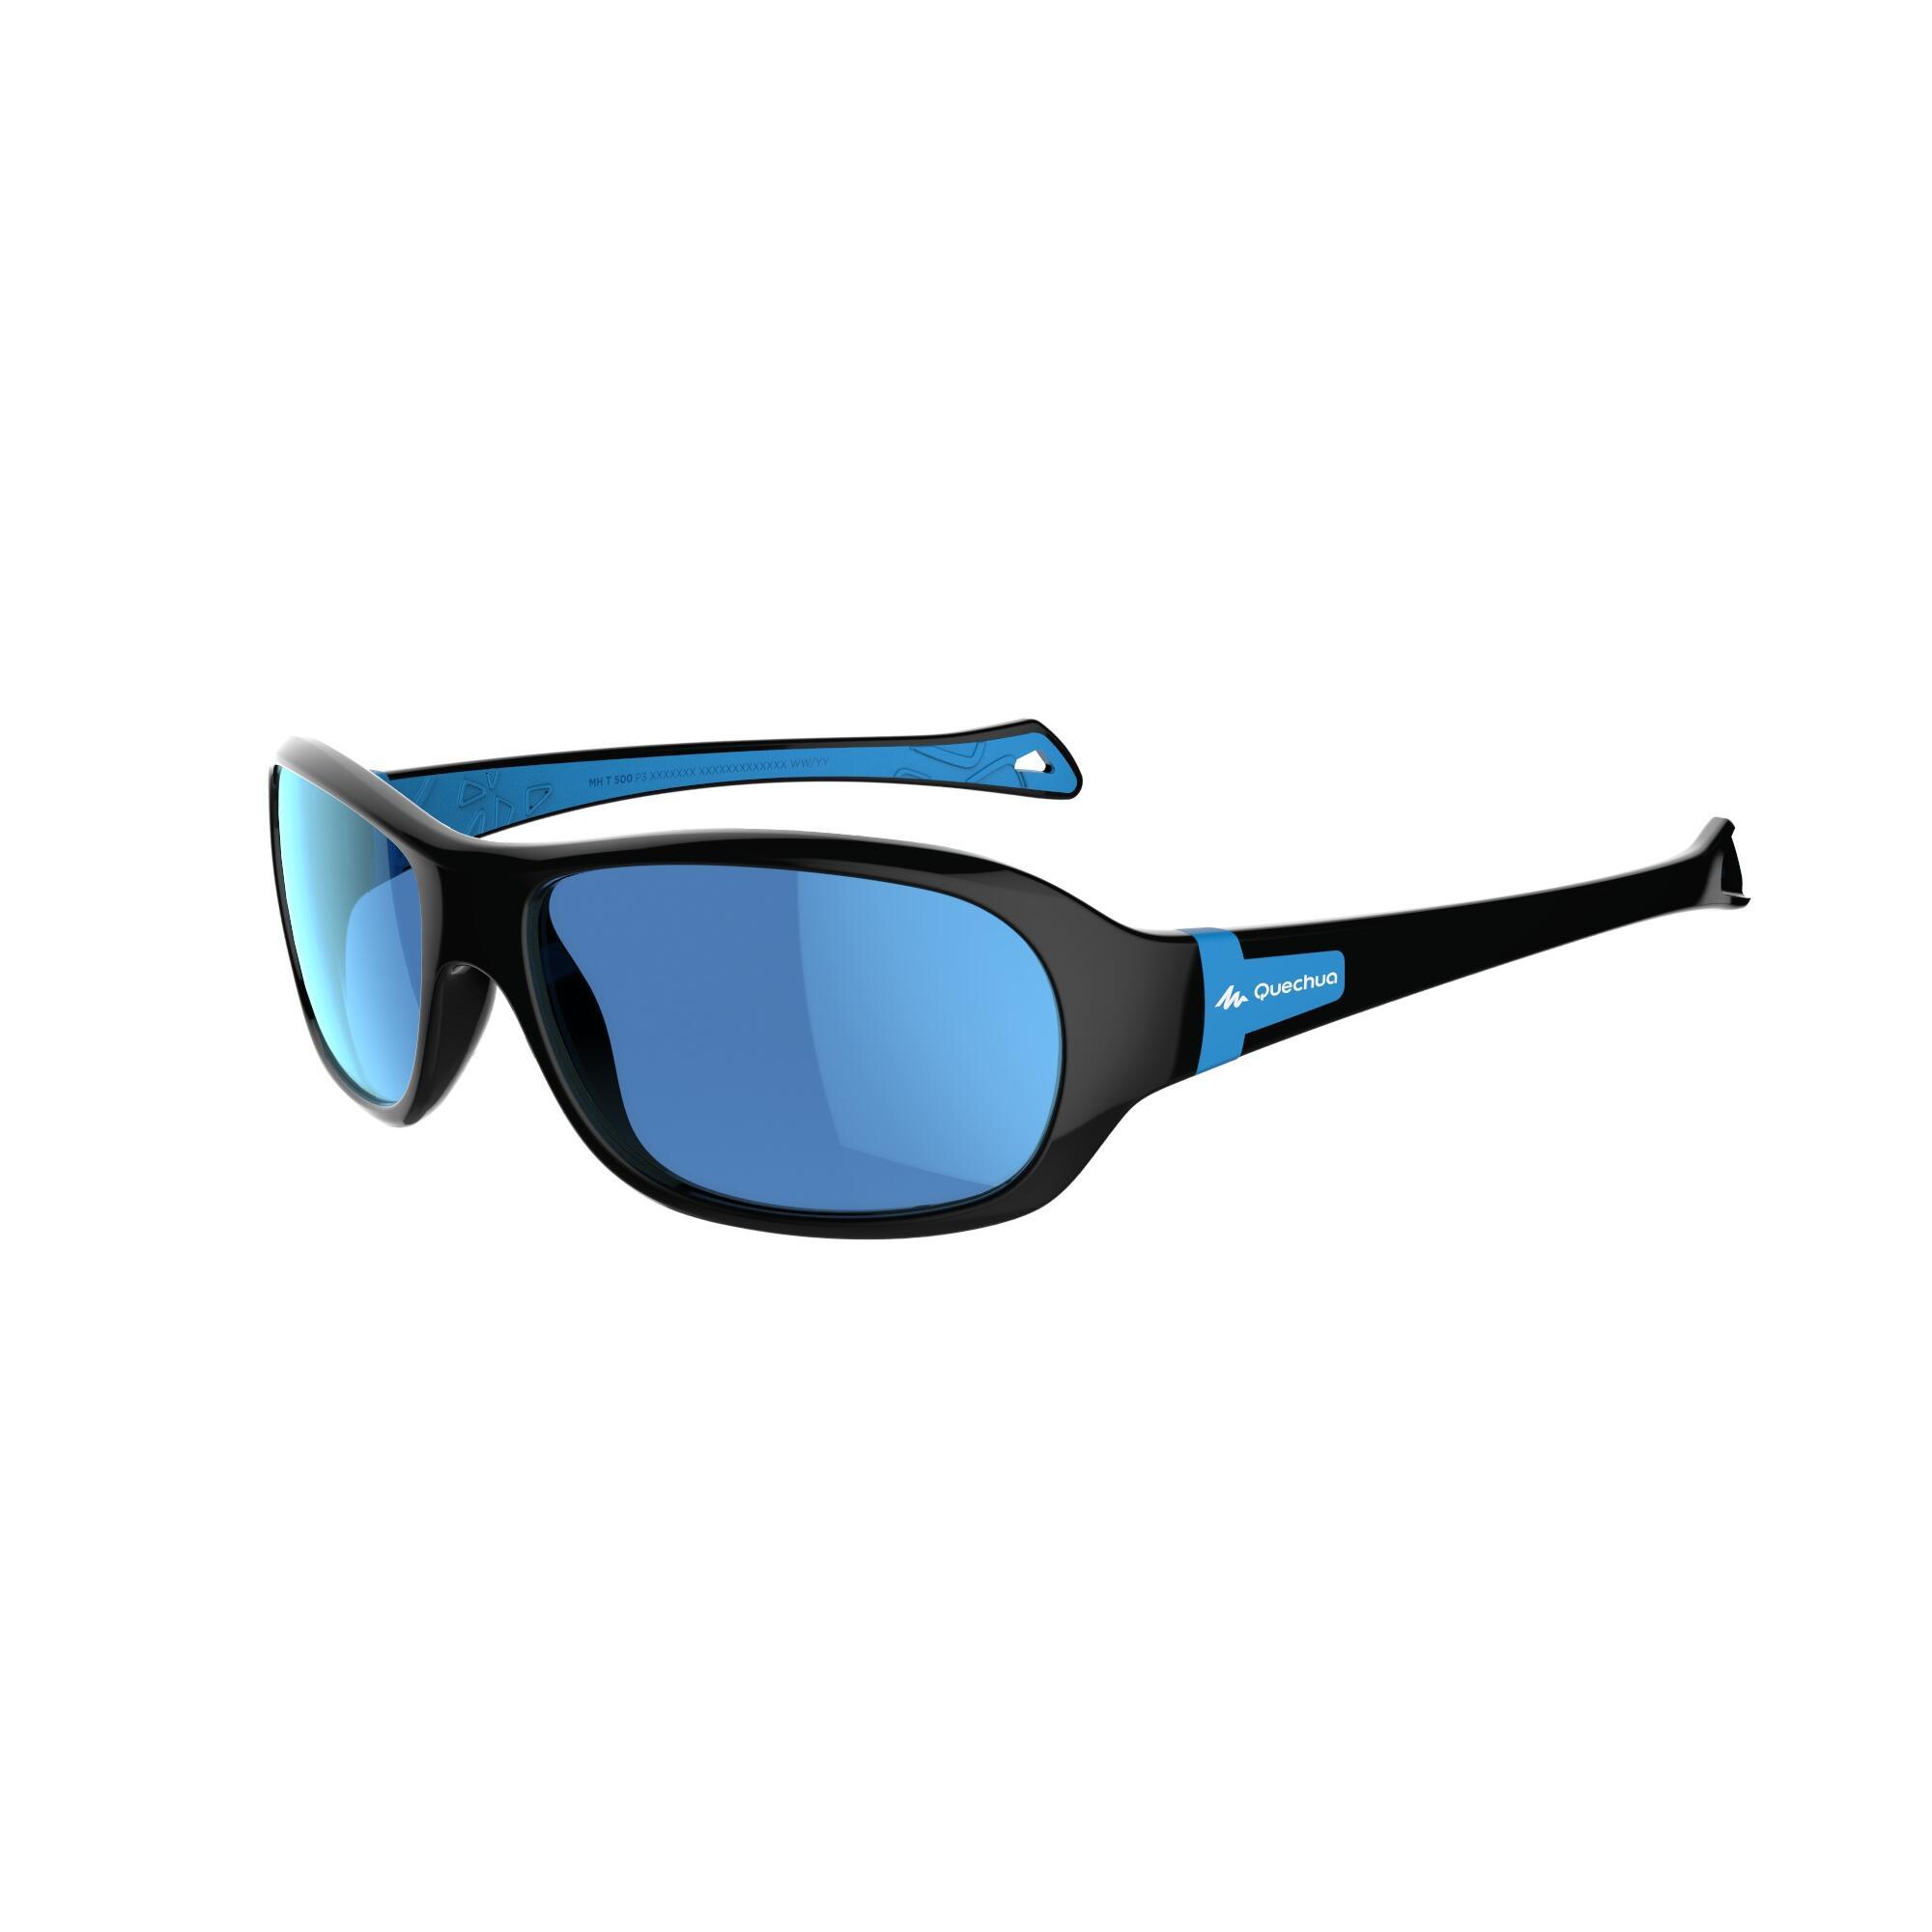 28e140bc57 Comprar gafas de sol para niños y bebés Online | Decathlon